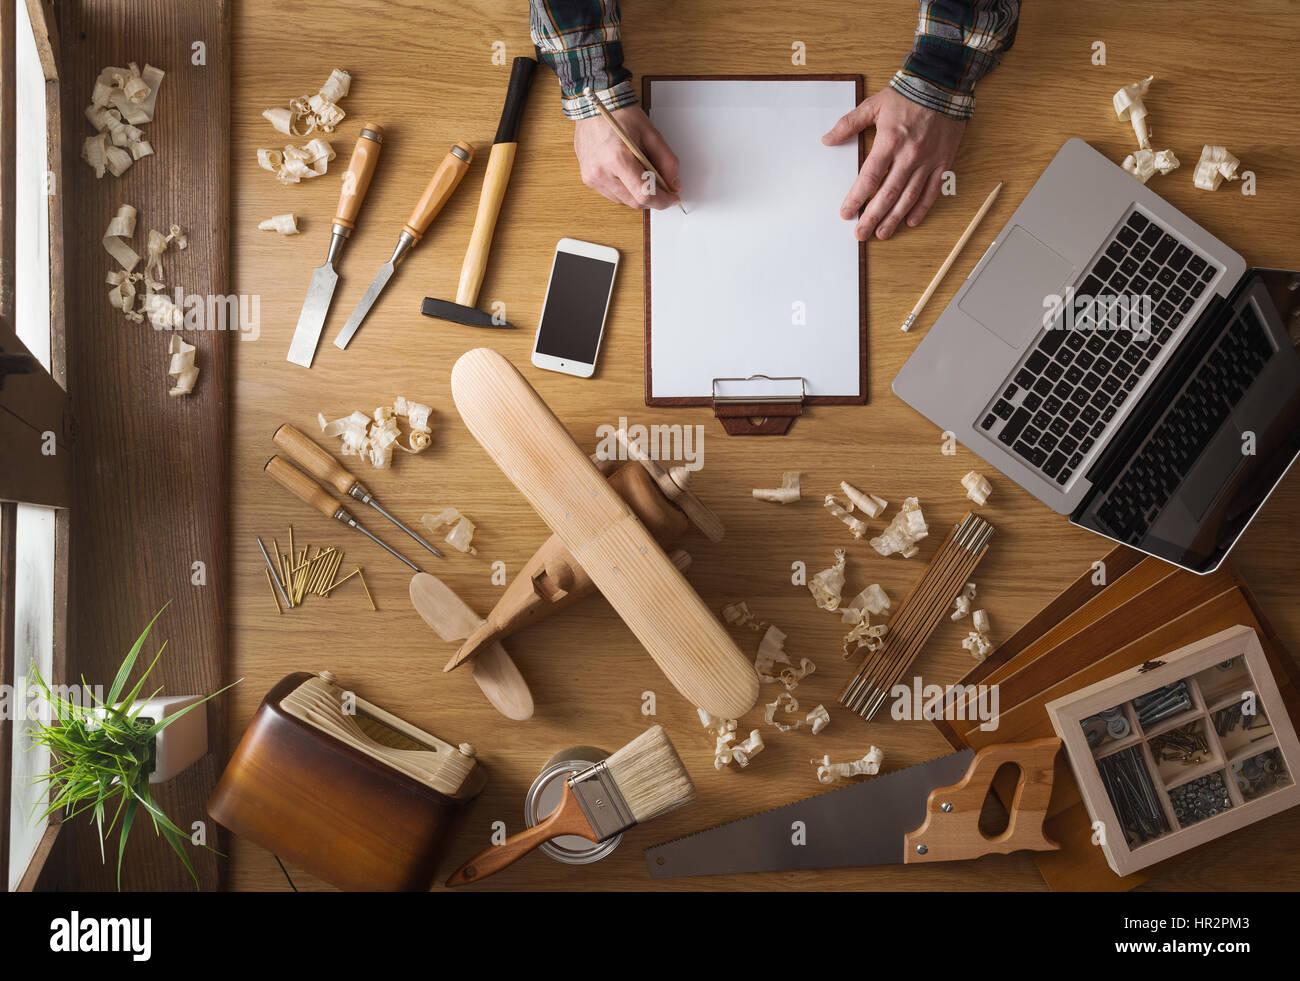 L Uomo Delineando Un Progetto Fai Da Te A Casa Su Una Clipboard Con